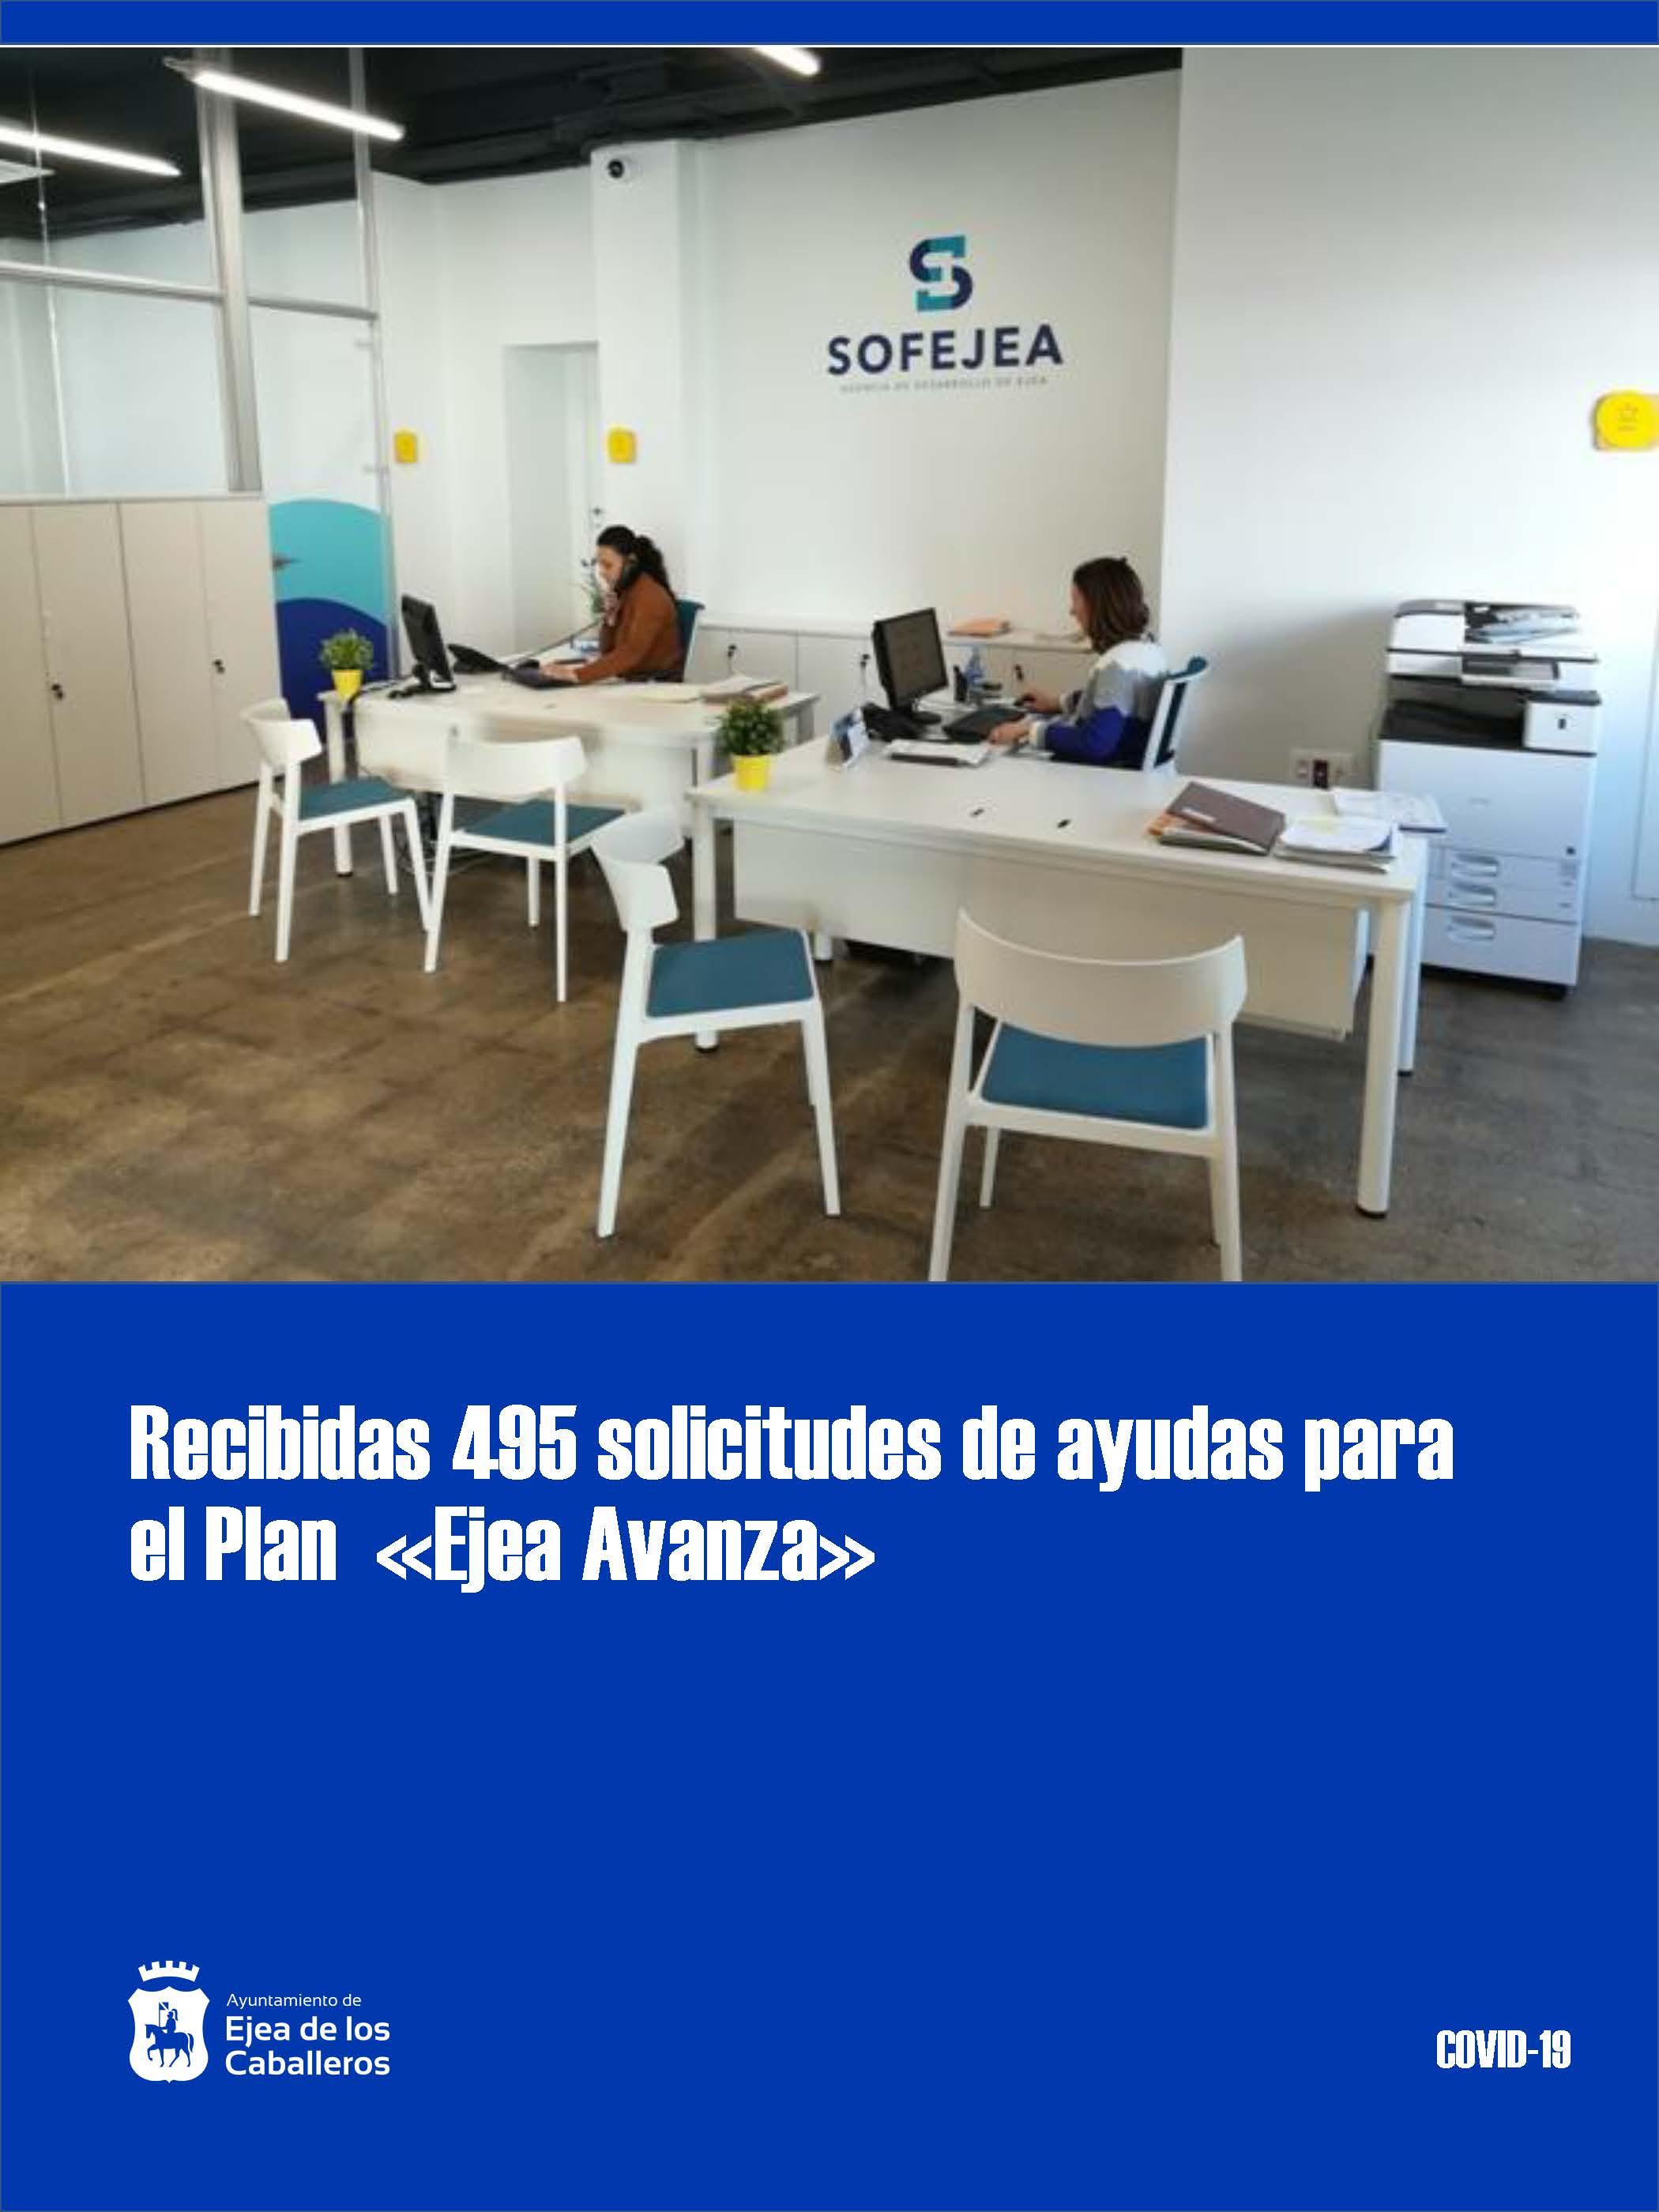 Recibidas 495 solicitudes de ayudas dentro del Plan «Ejea Avanza» dirigidas a autónomos y micropymes